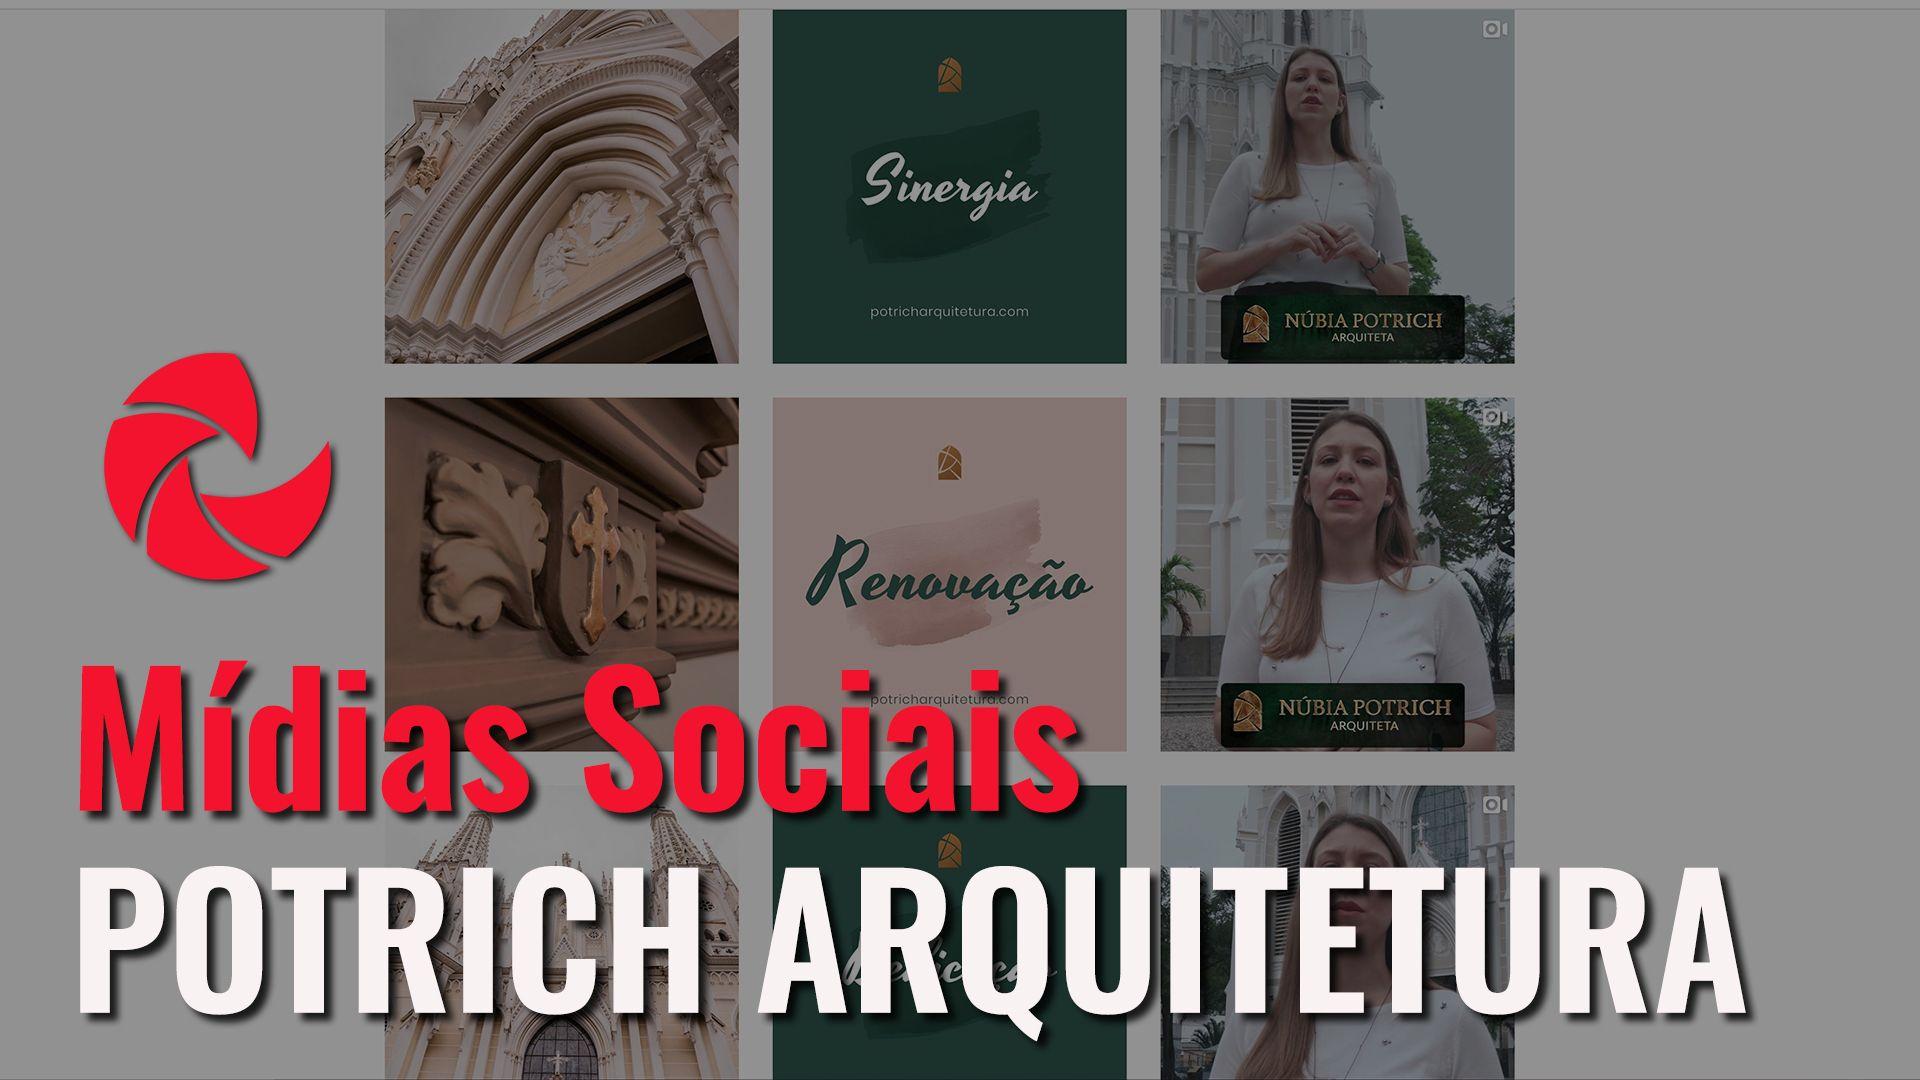 Gerenciamento de Mídias Sociais da Potrich Arquitetura